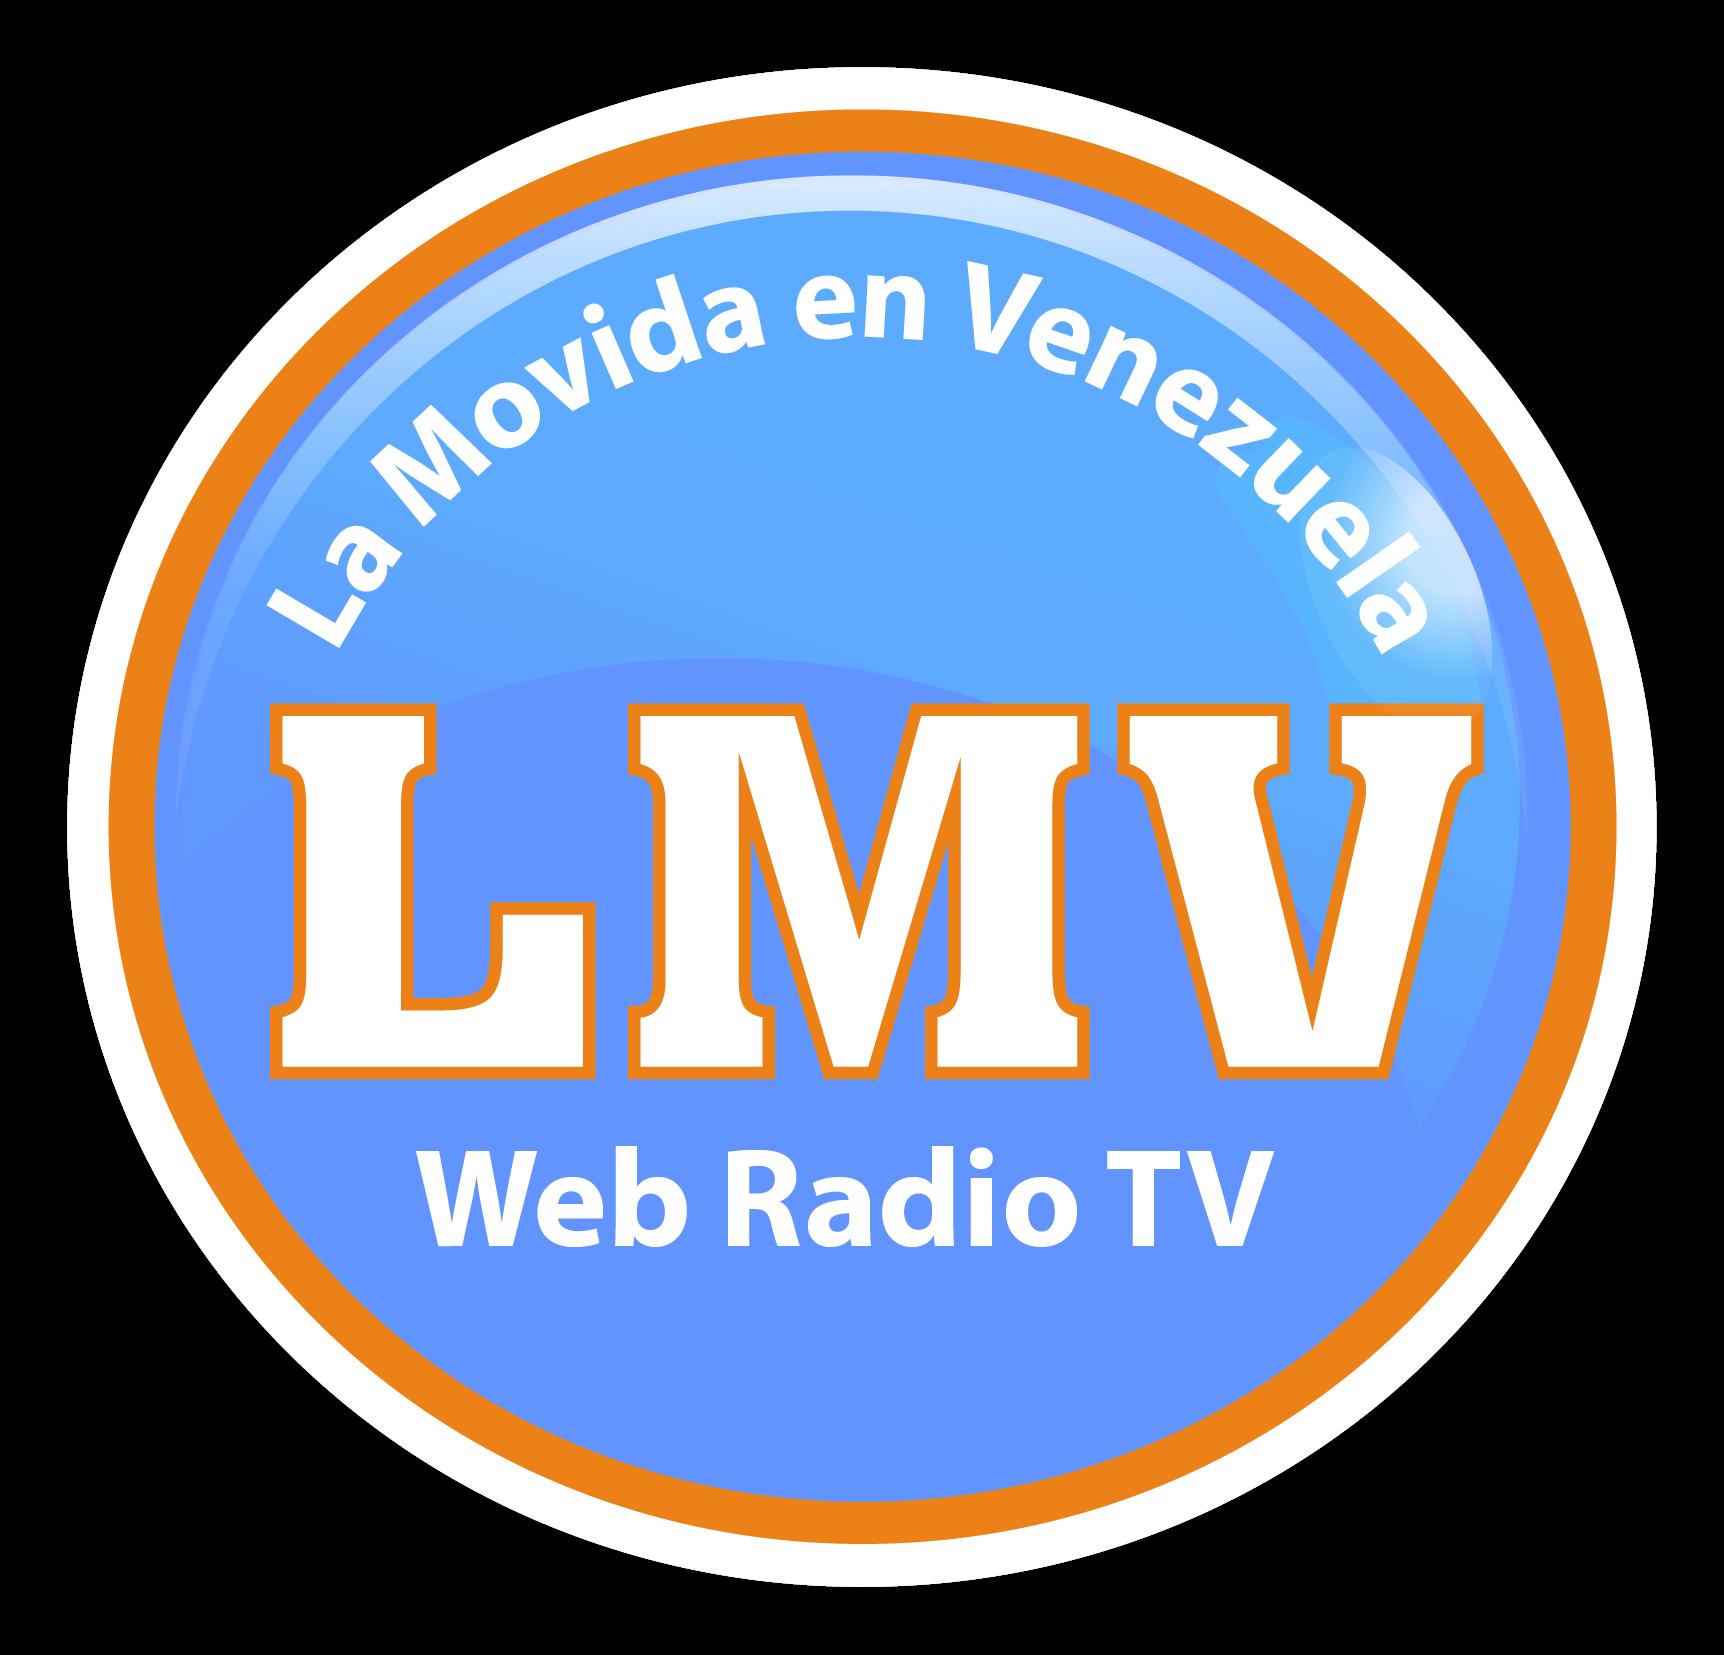 logo de la movida en venezuela en el footer